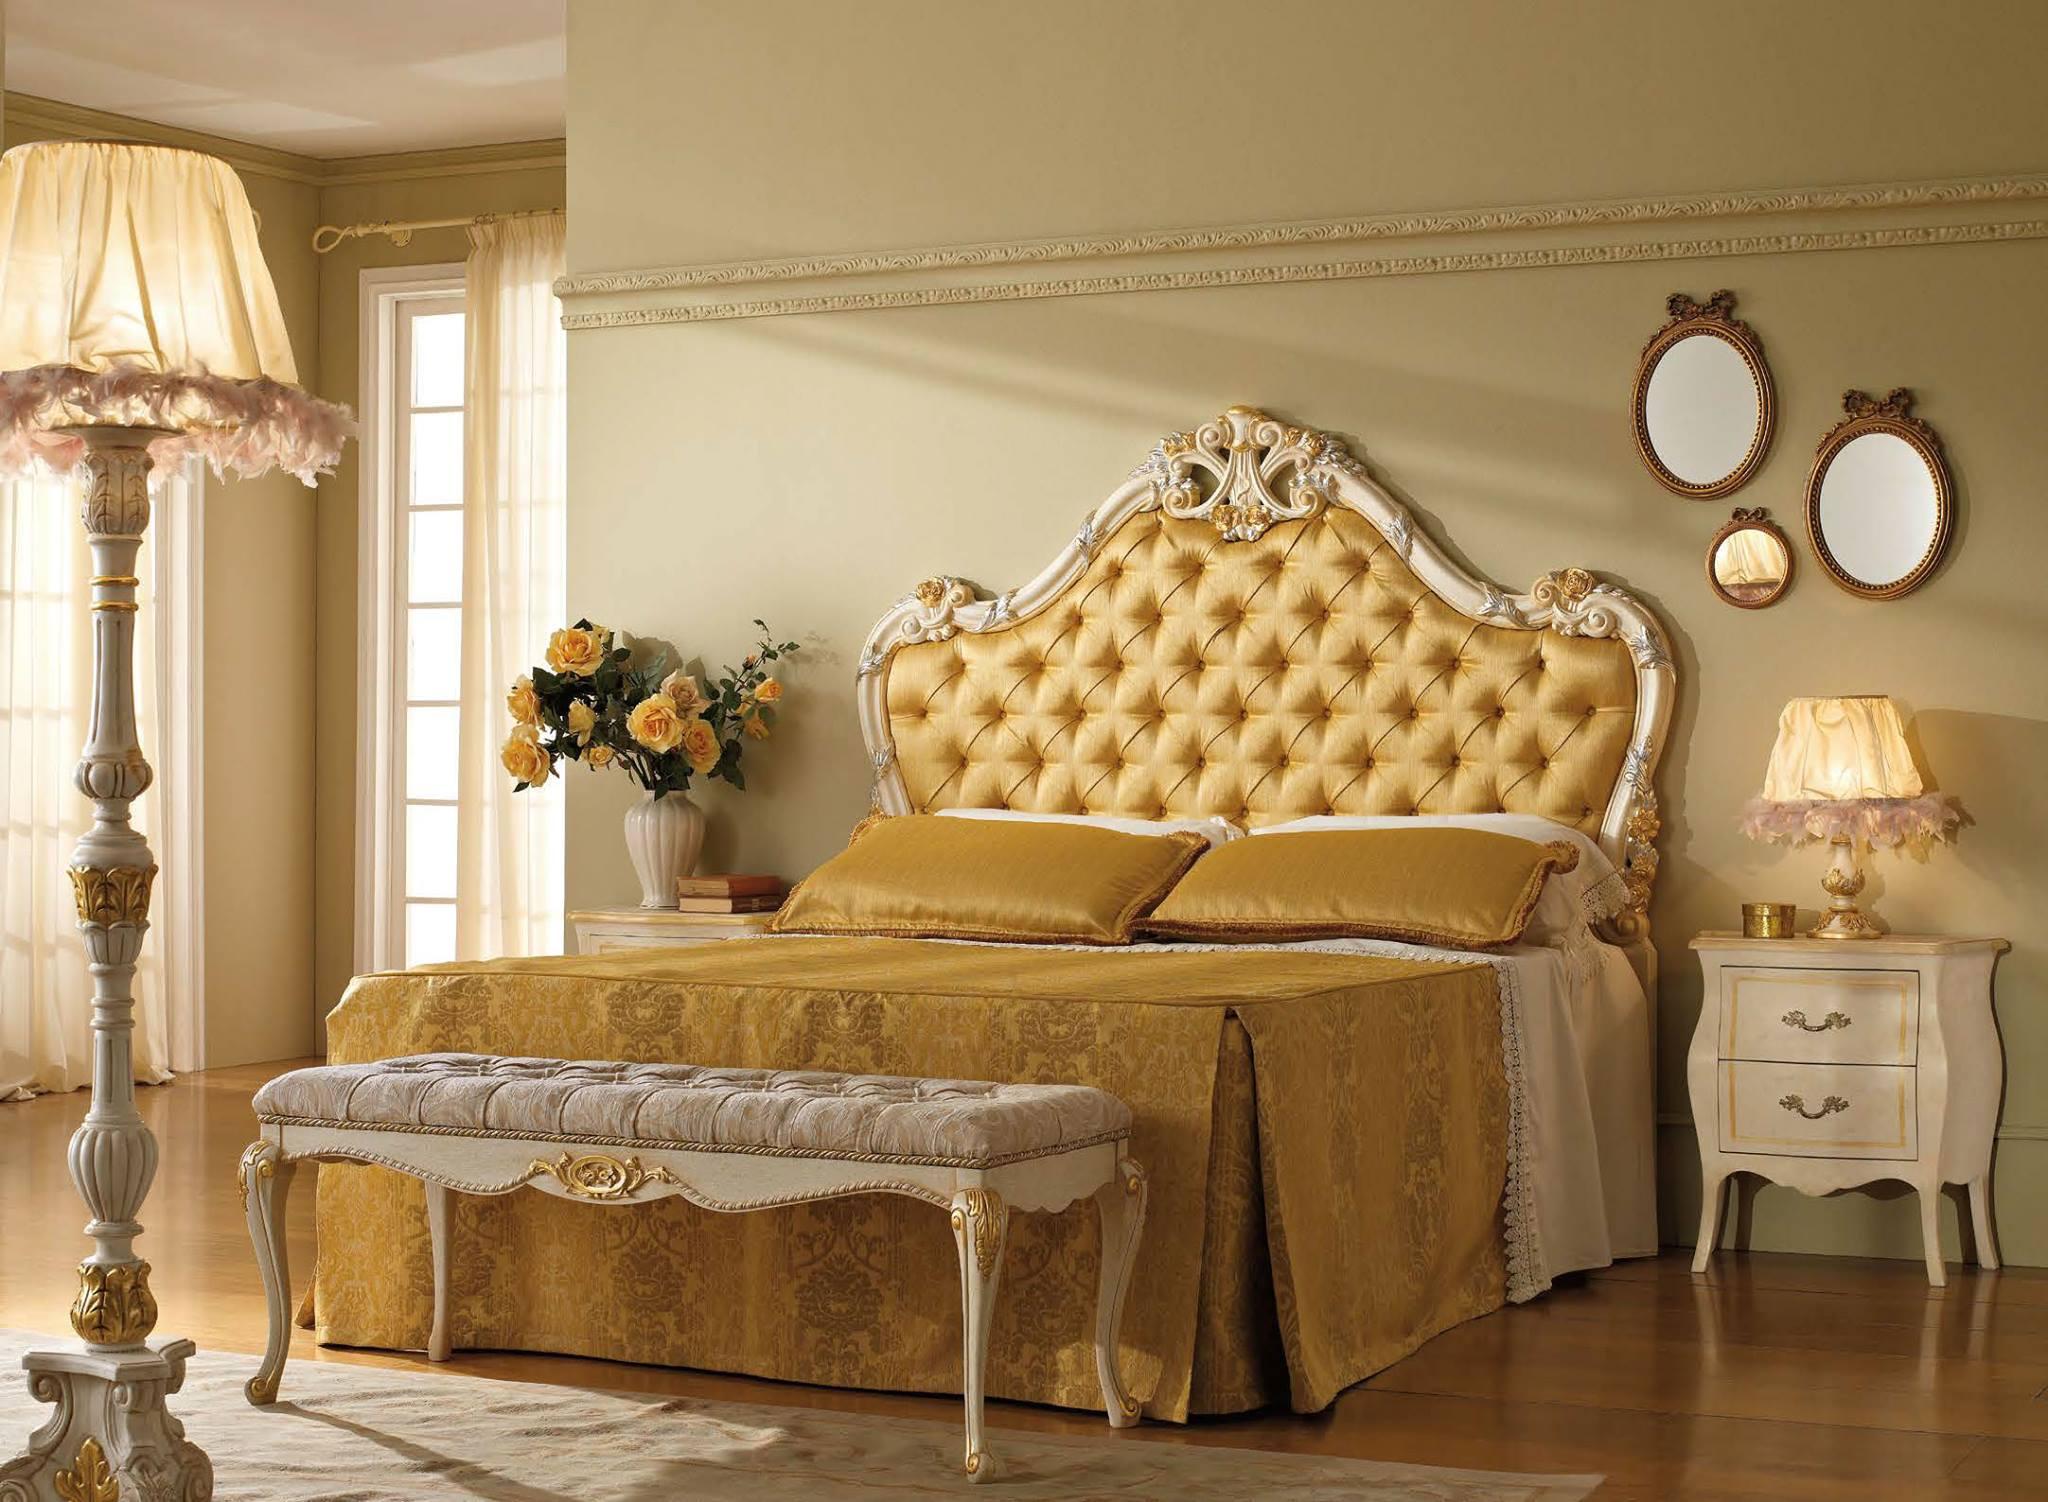 Lampadari classici per camera da letto great reality lampadario a corona trasparente chiaro - Lampadario camera da letto economici ...